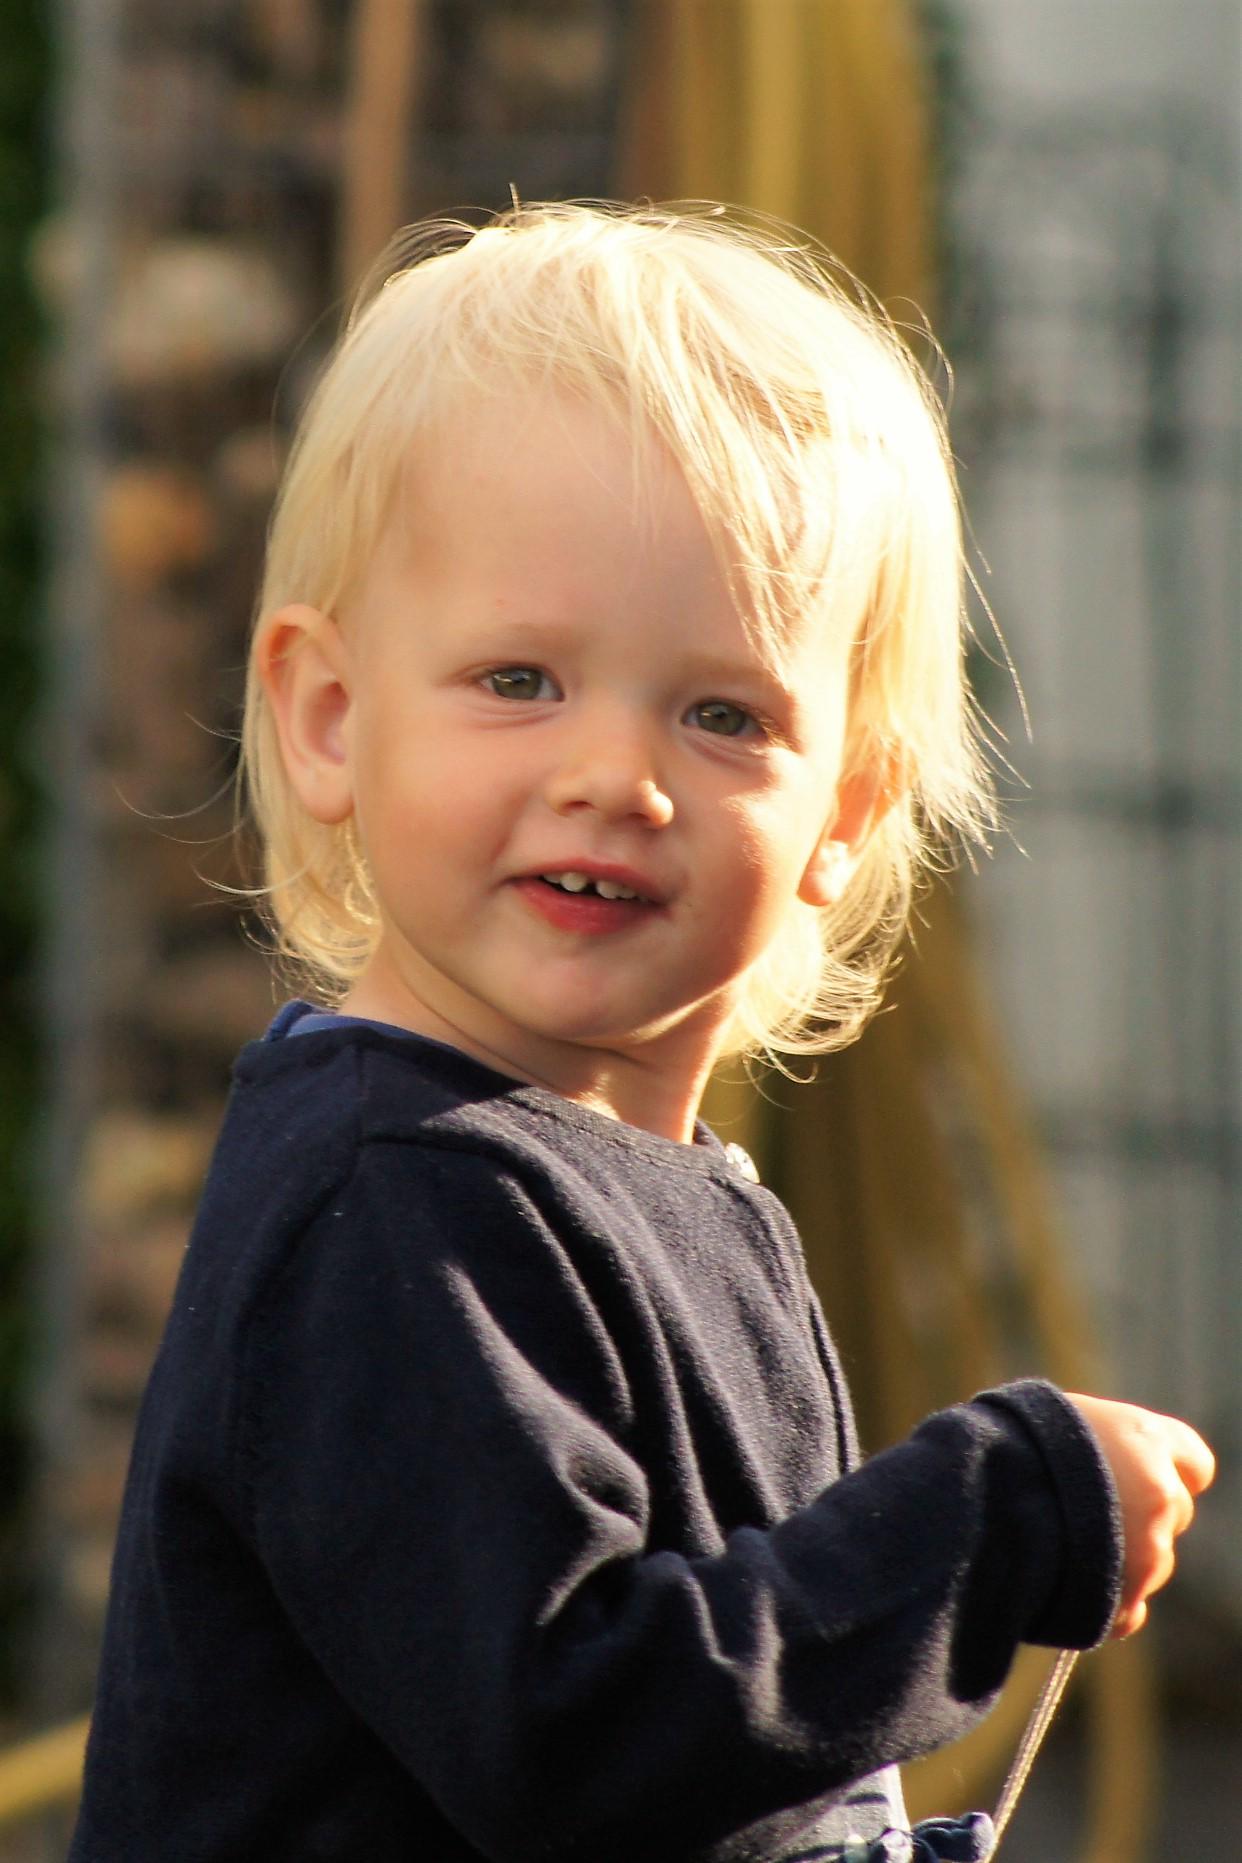 Fotografie Kinder